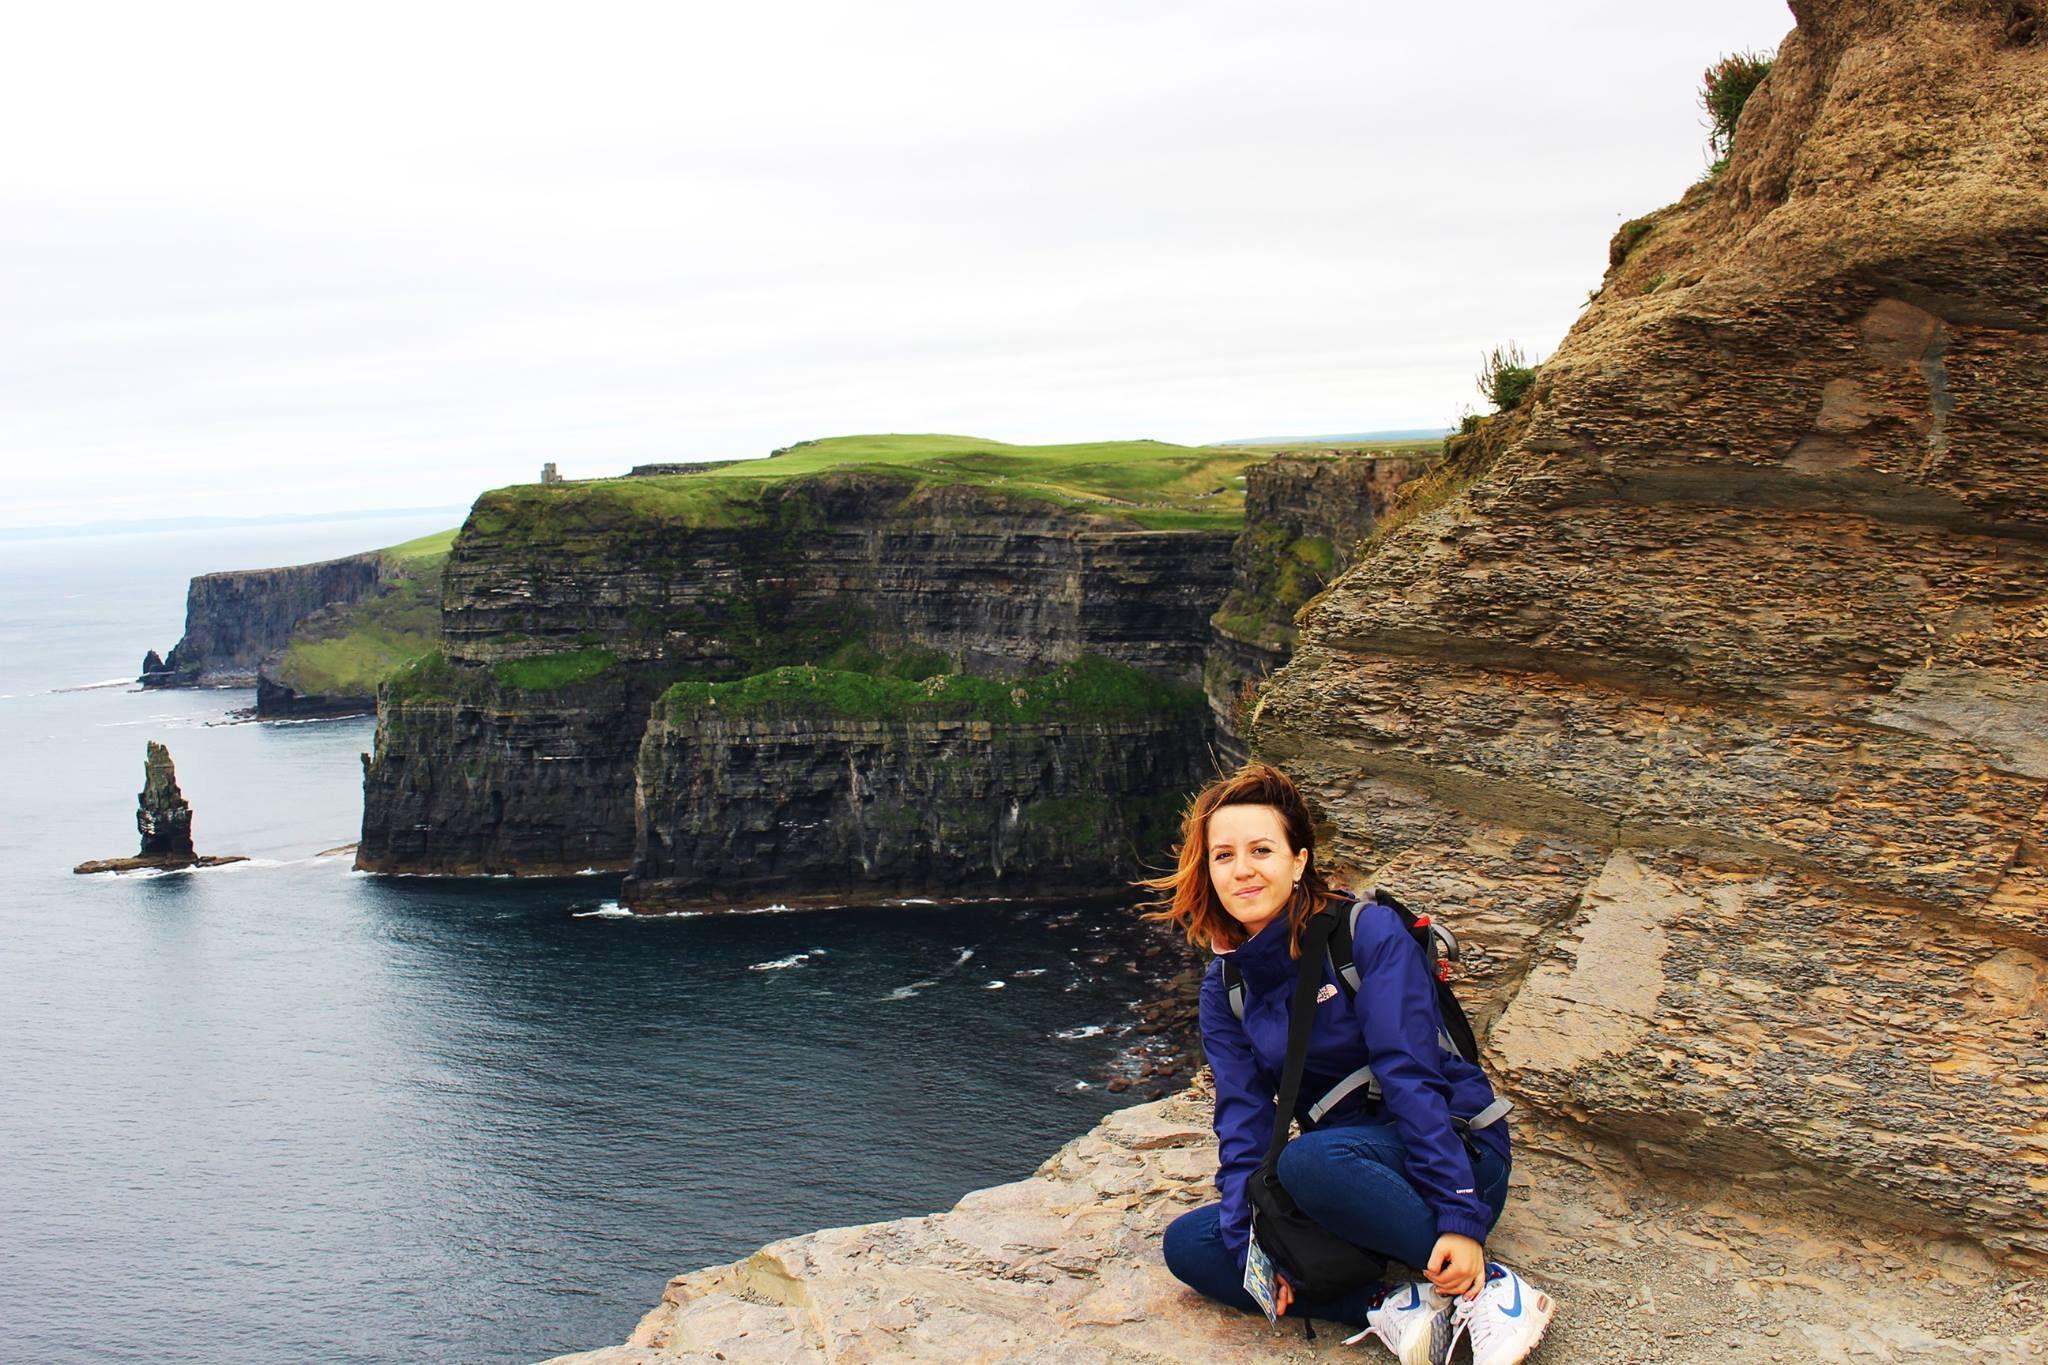 Estudia con amigos en Cork y aprende inglés conociendo un país